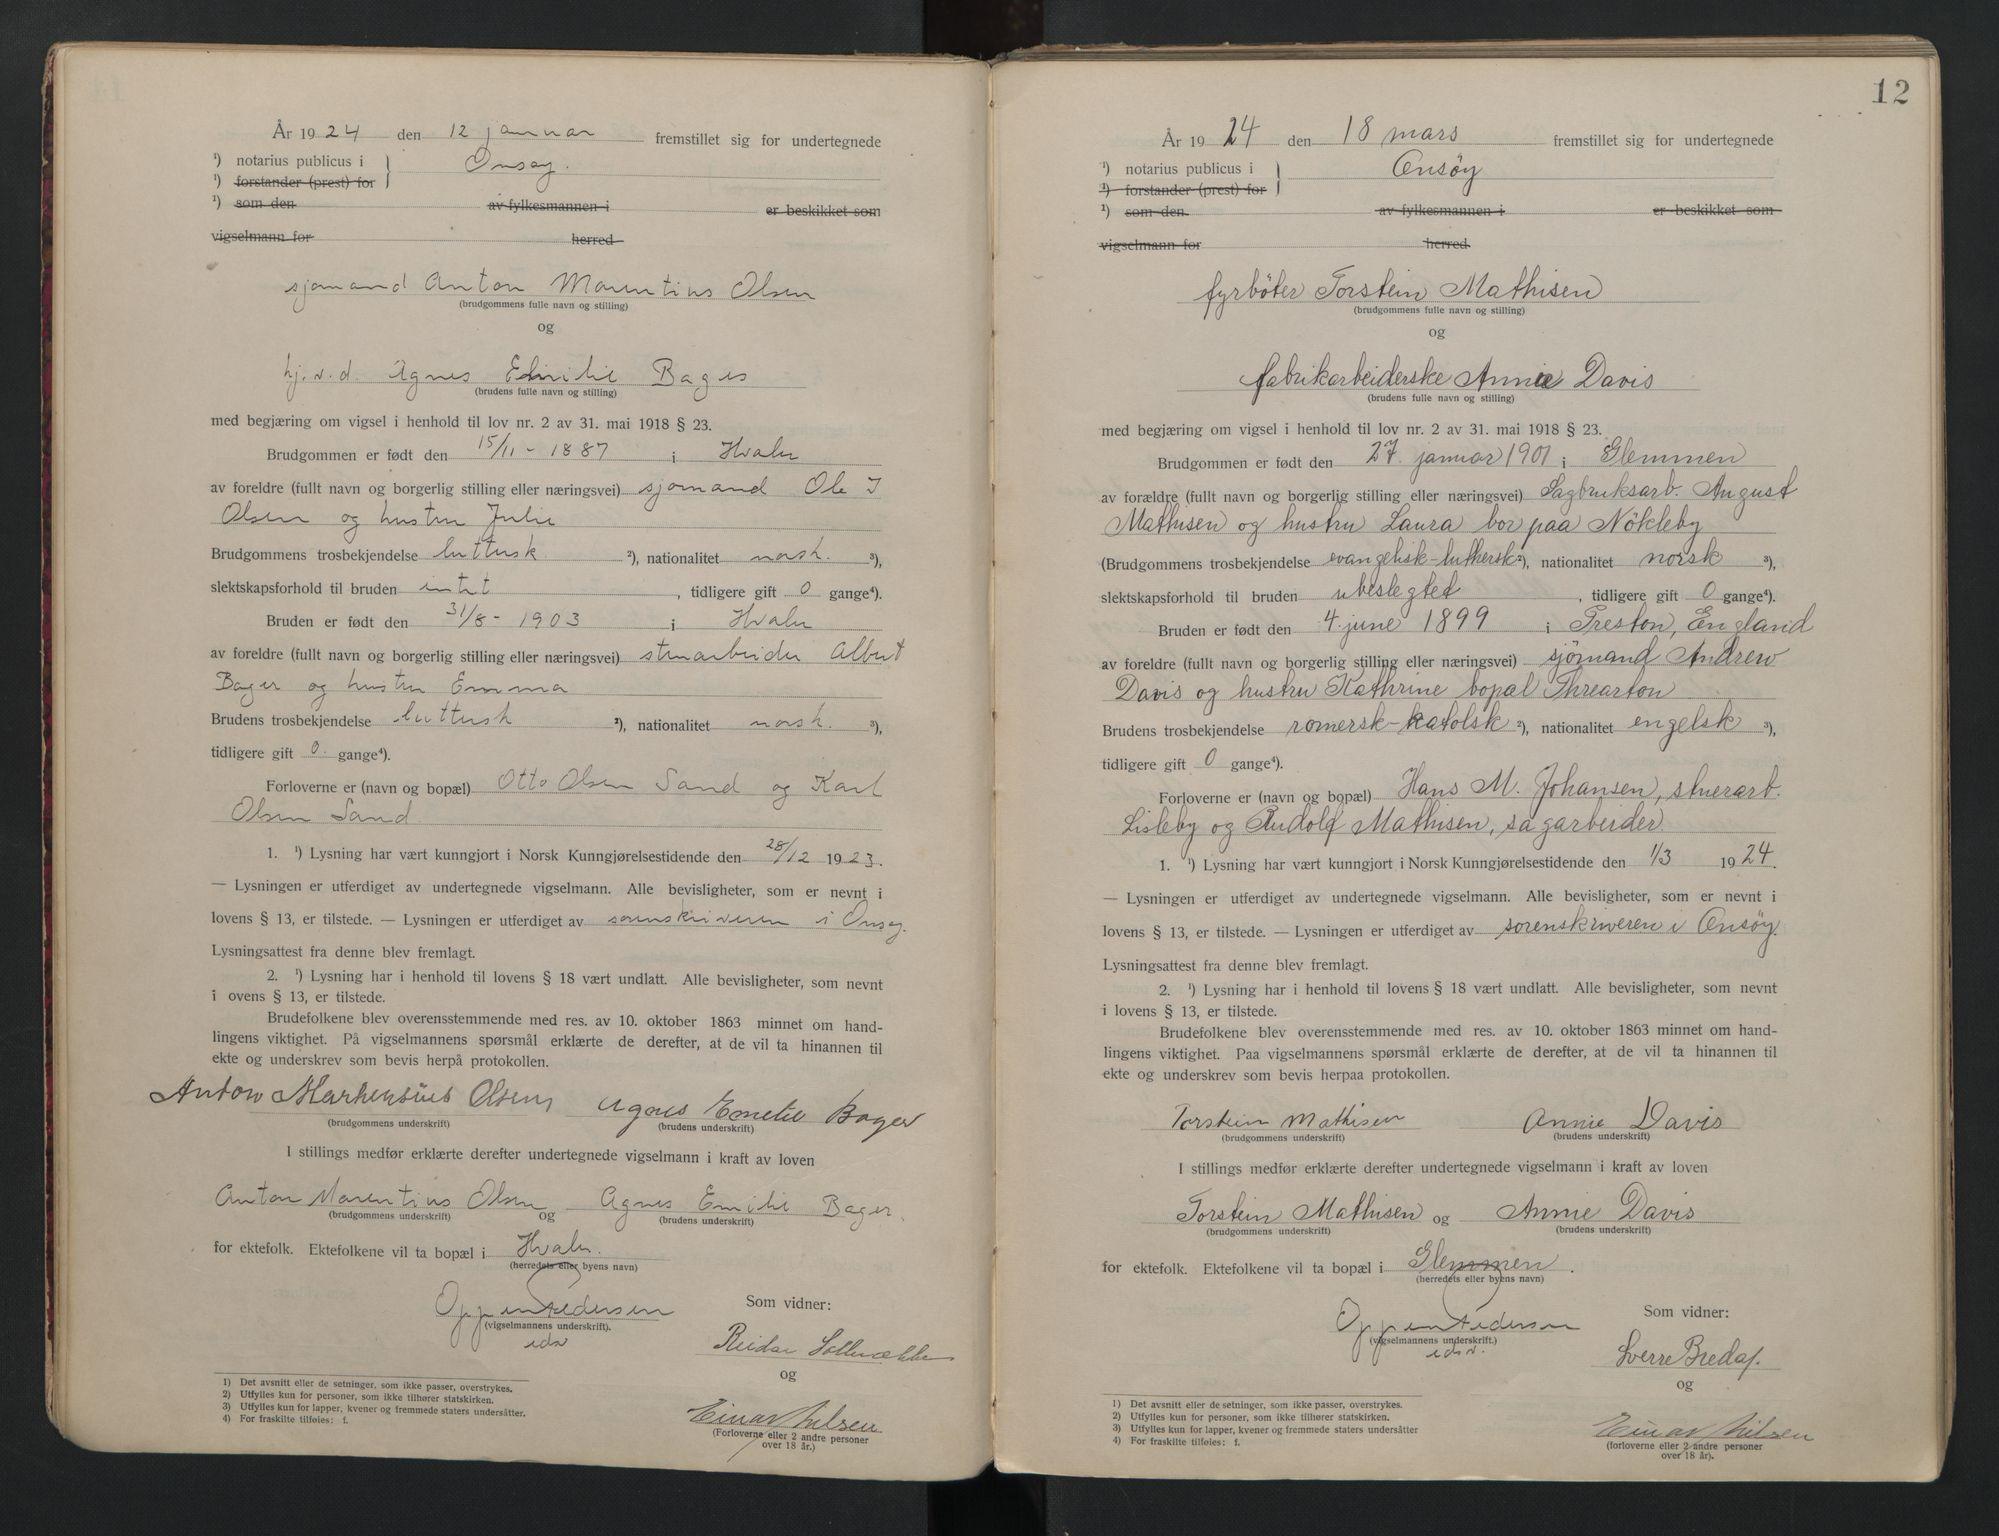 SAO, Onsøy sorenskriveri, L/La/L0001: Vigselsbok, 1920-1942, s. 12